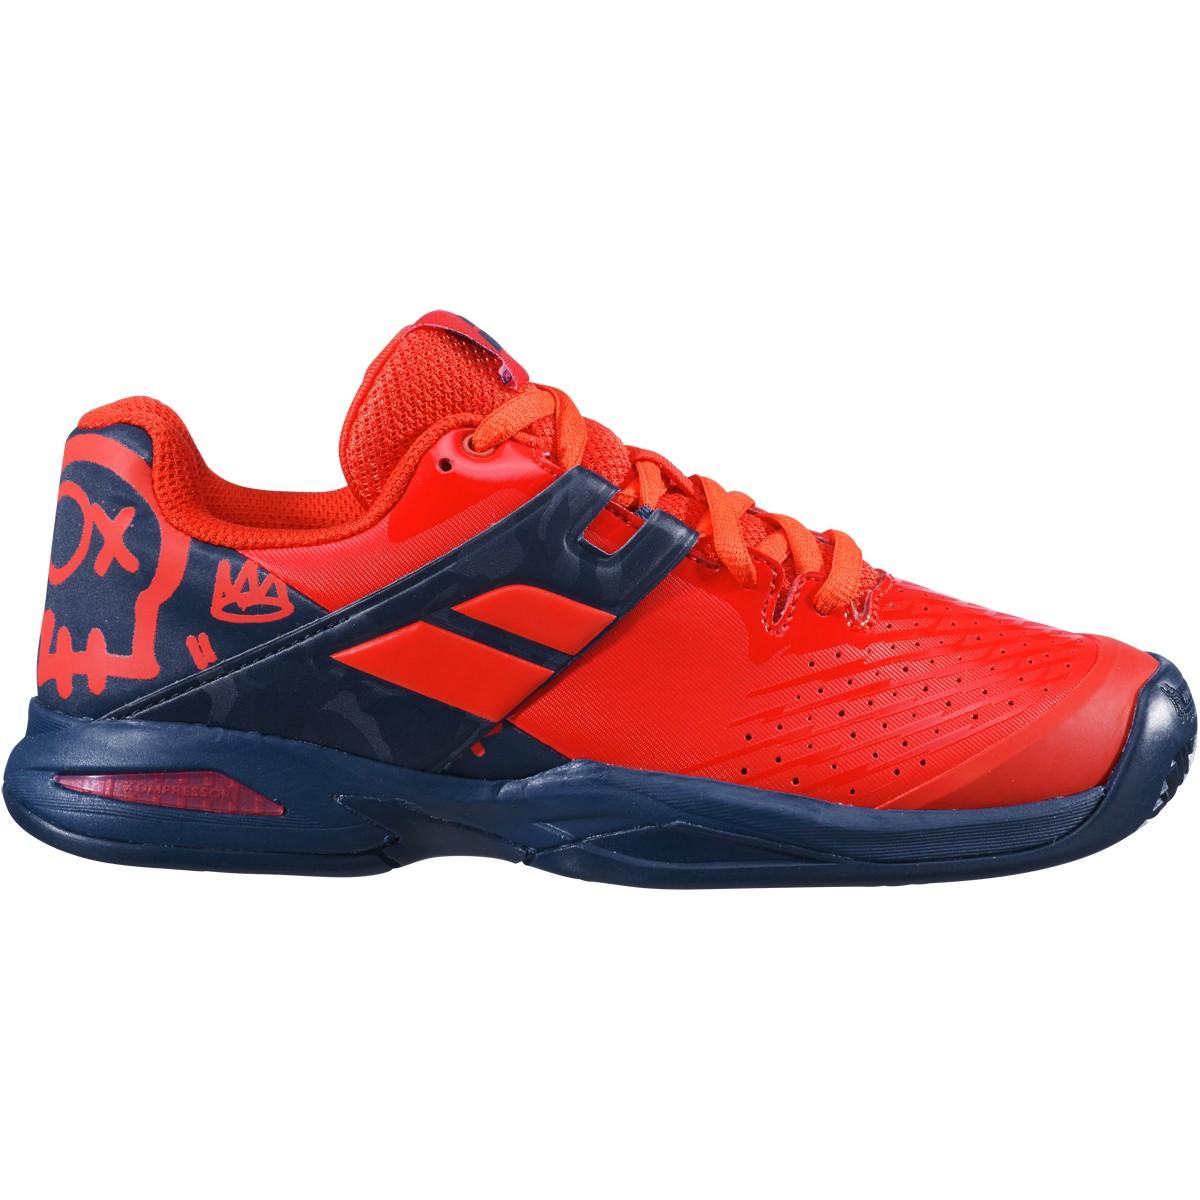 36 Babolat Chaussures de Tennis Junior Propulse All Court Bleu